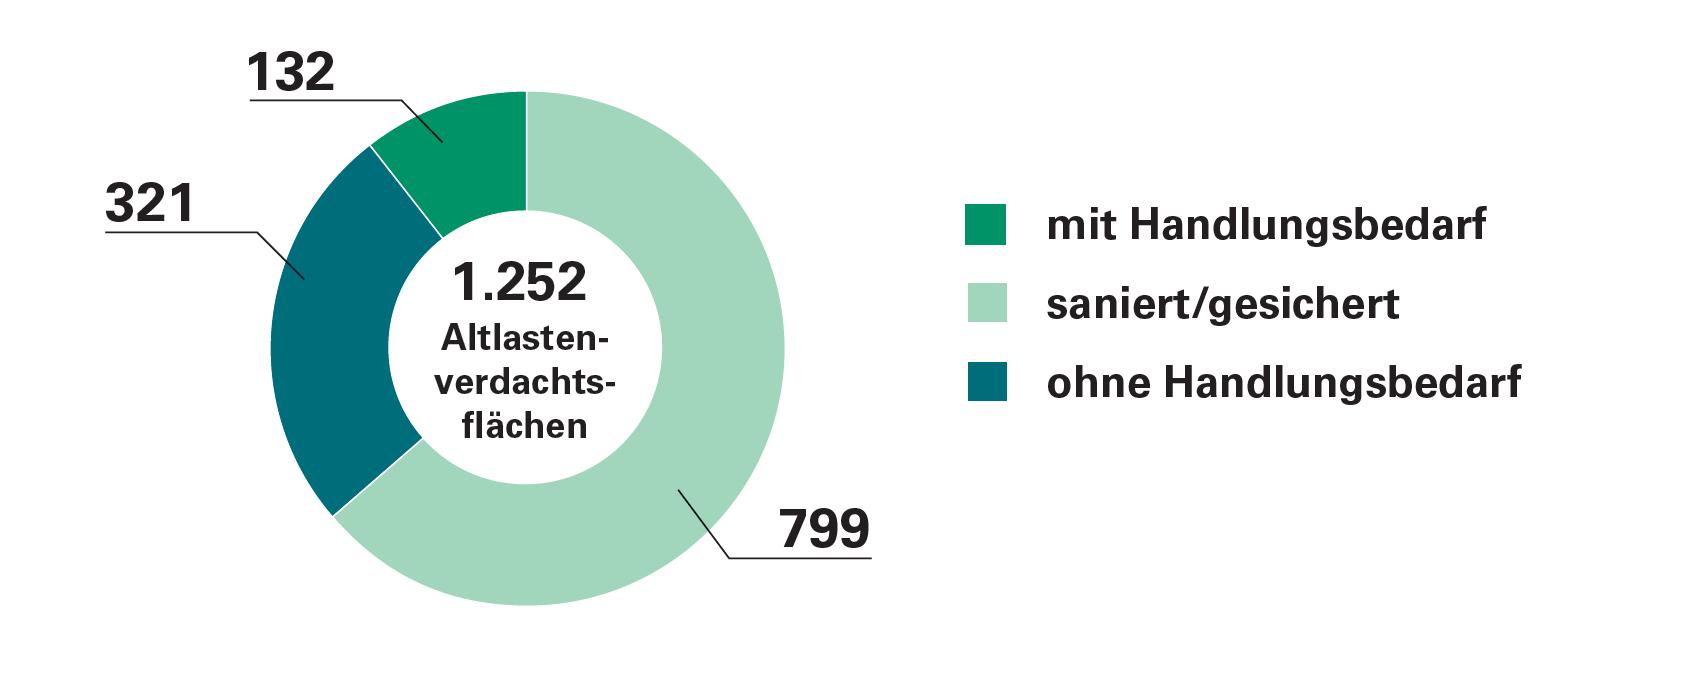 Bearbeitungsstand Altlastenverdachtsflächen Lausitz und Mitteldeutschland